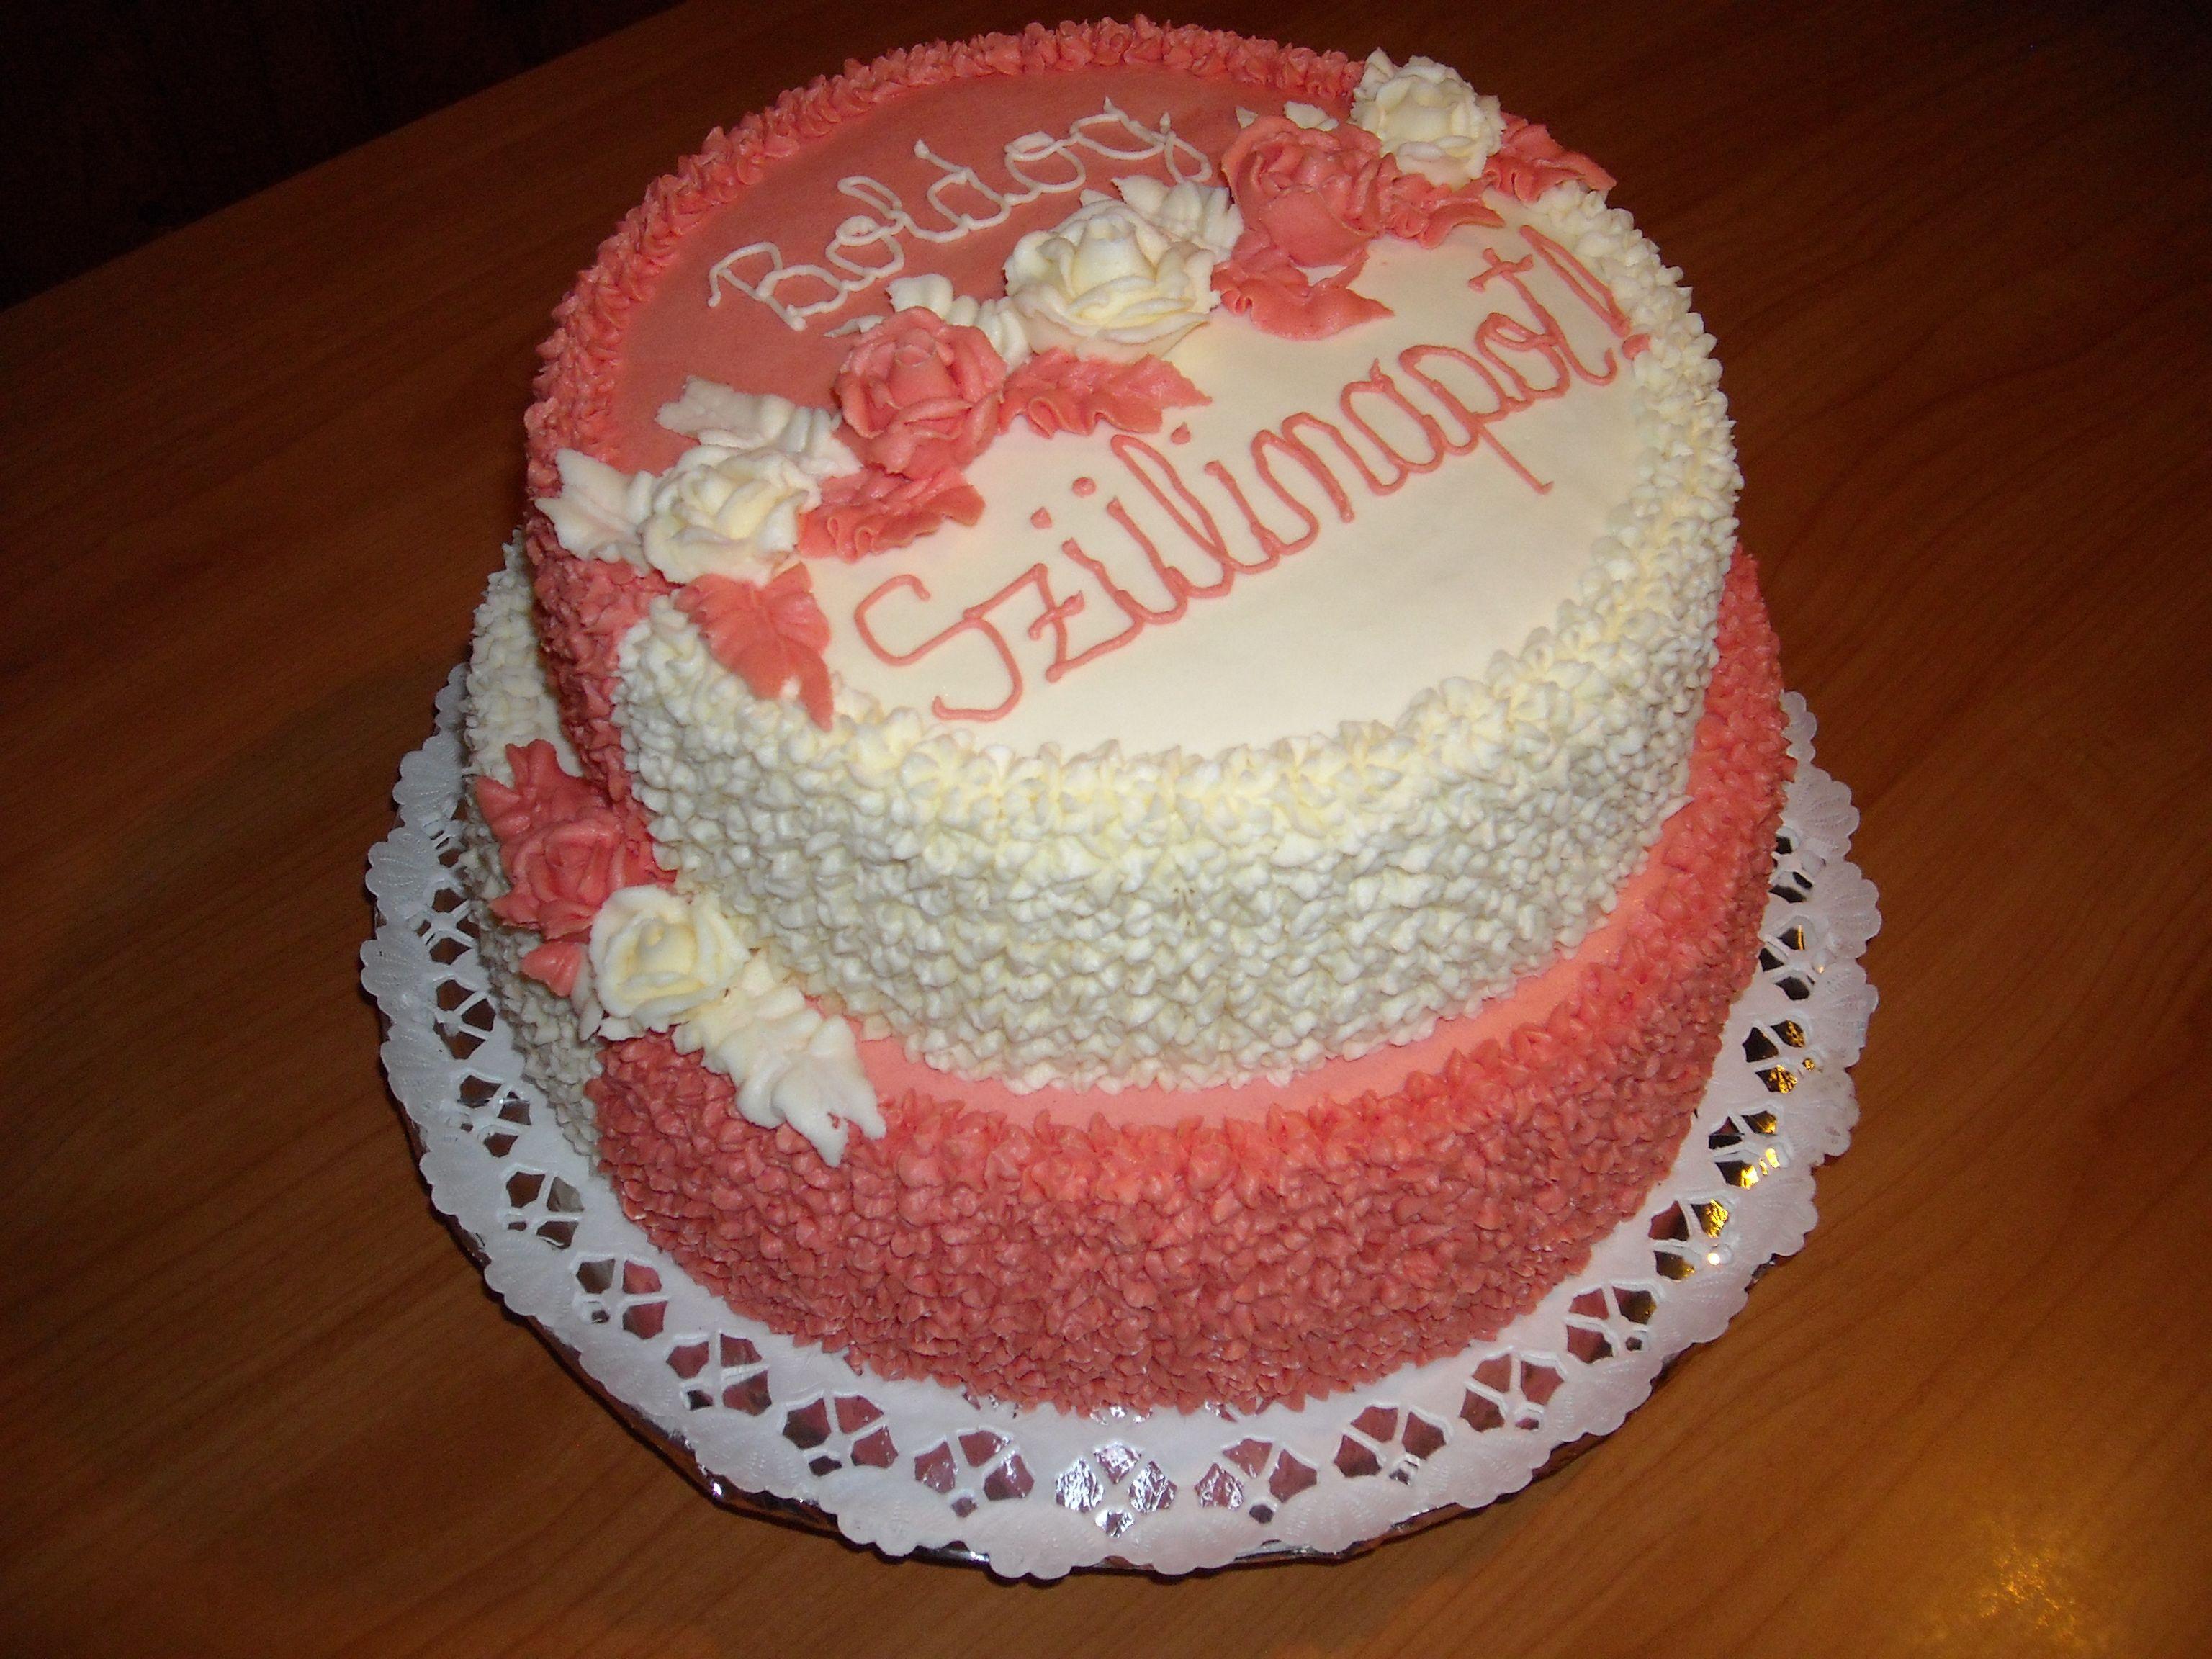 szülinapi emeletes torták szülinapi emeletes torta   Google keresés   emeletes torta  szülinapi emeletes torták